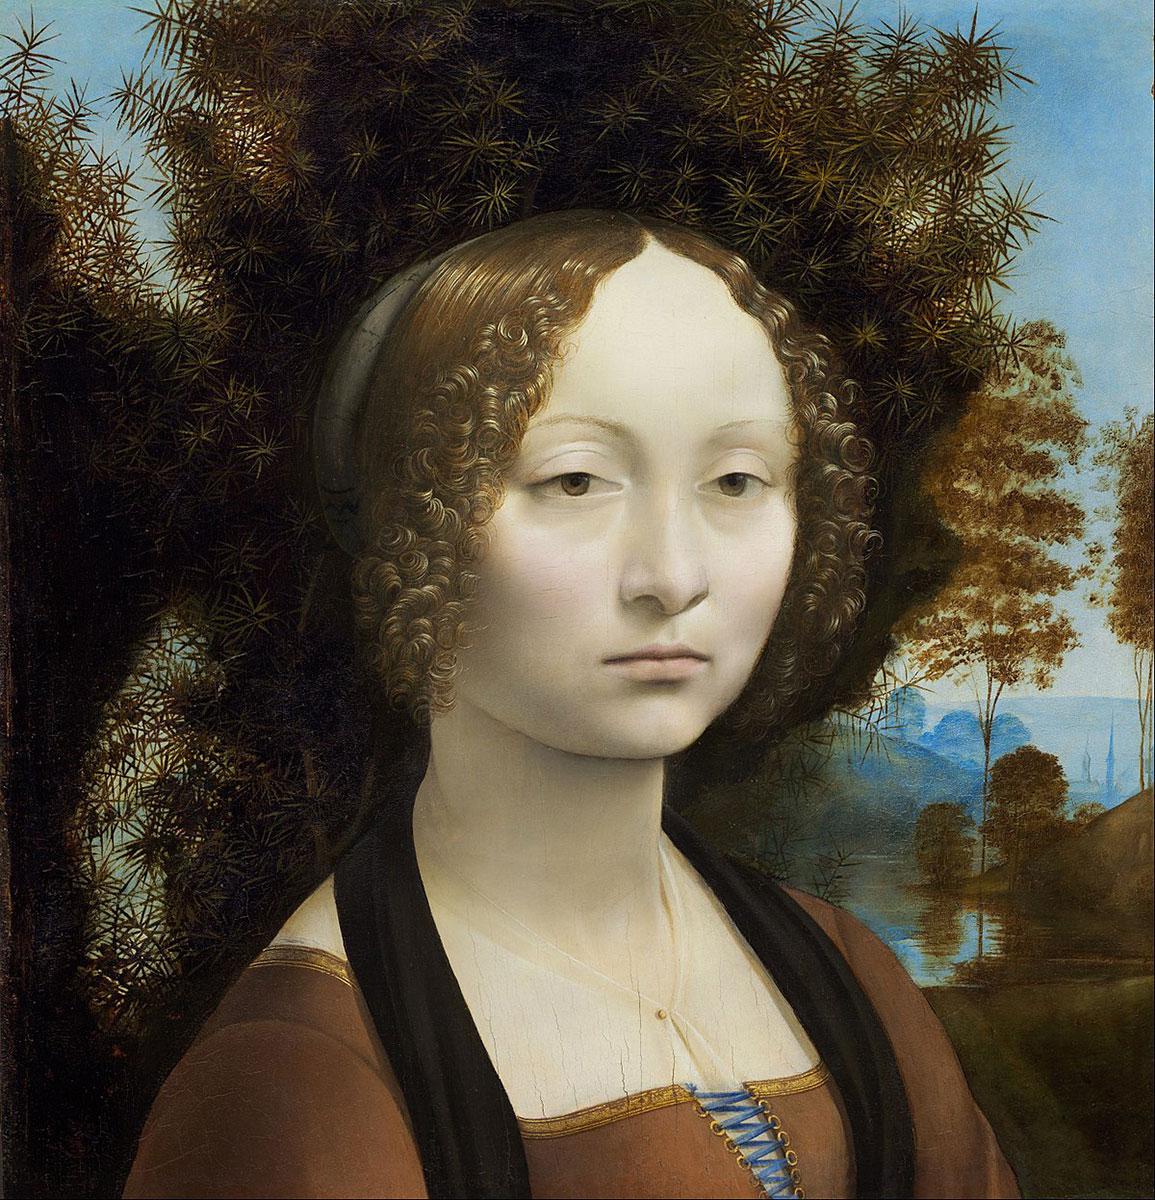 Leonardo_da_Vinci_Ginevra_de_Benci